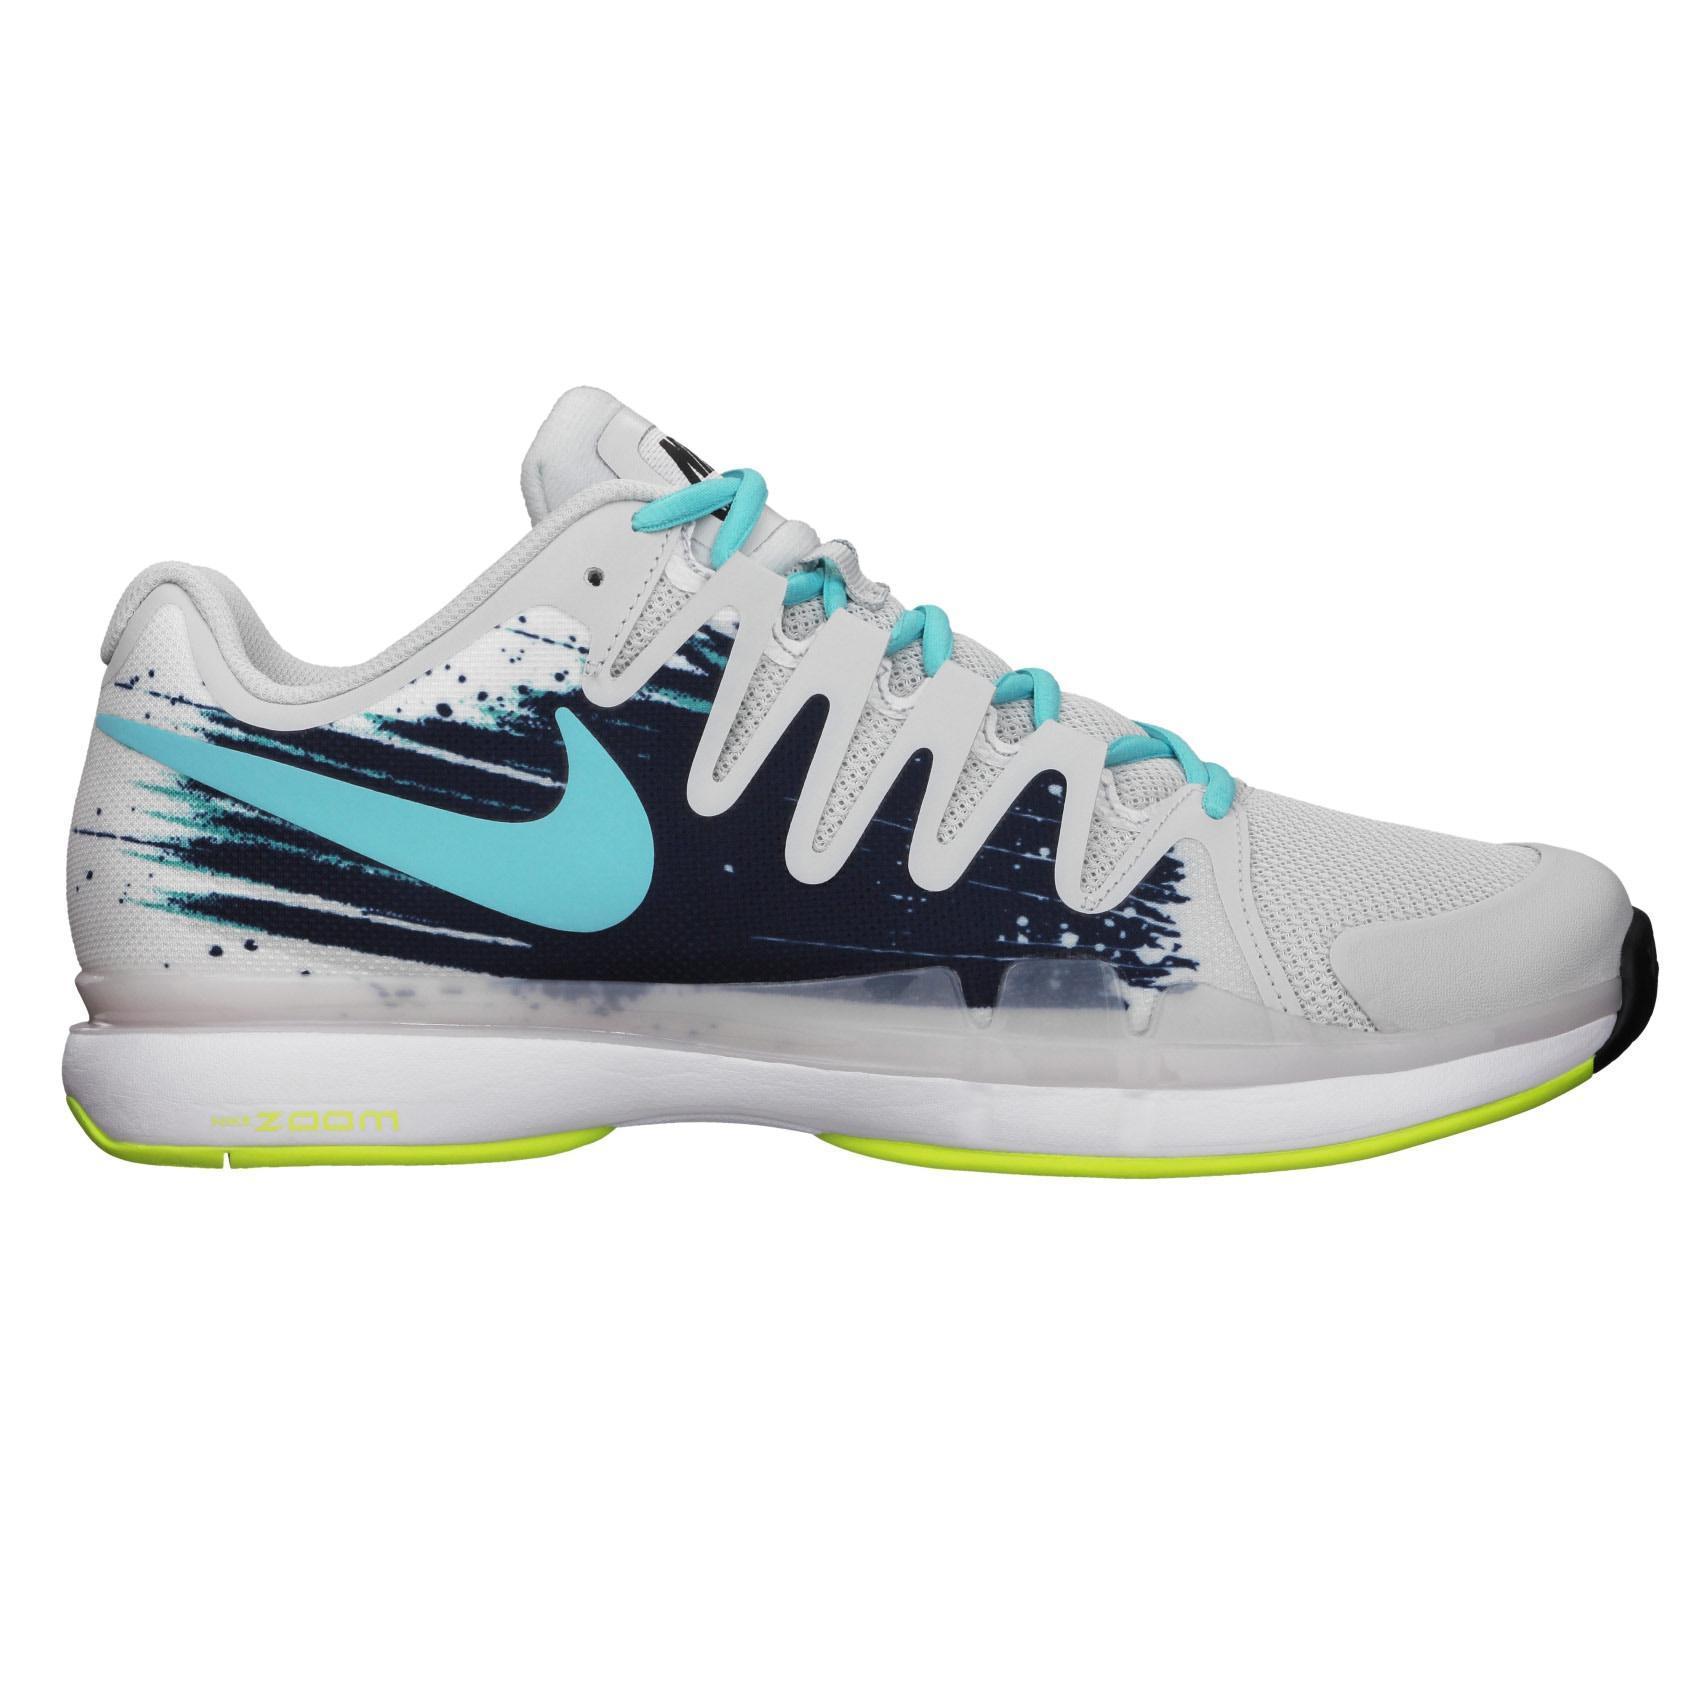 20f9ab2bc8639e Nike Mens Zoom Vapor 9.5 Tour Tennis Shoes - Grey Blue - Tennisnuts.com